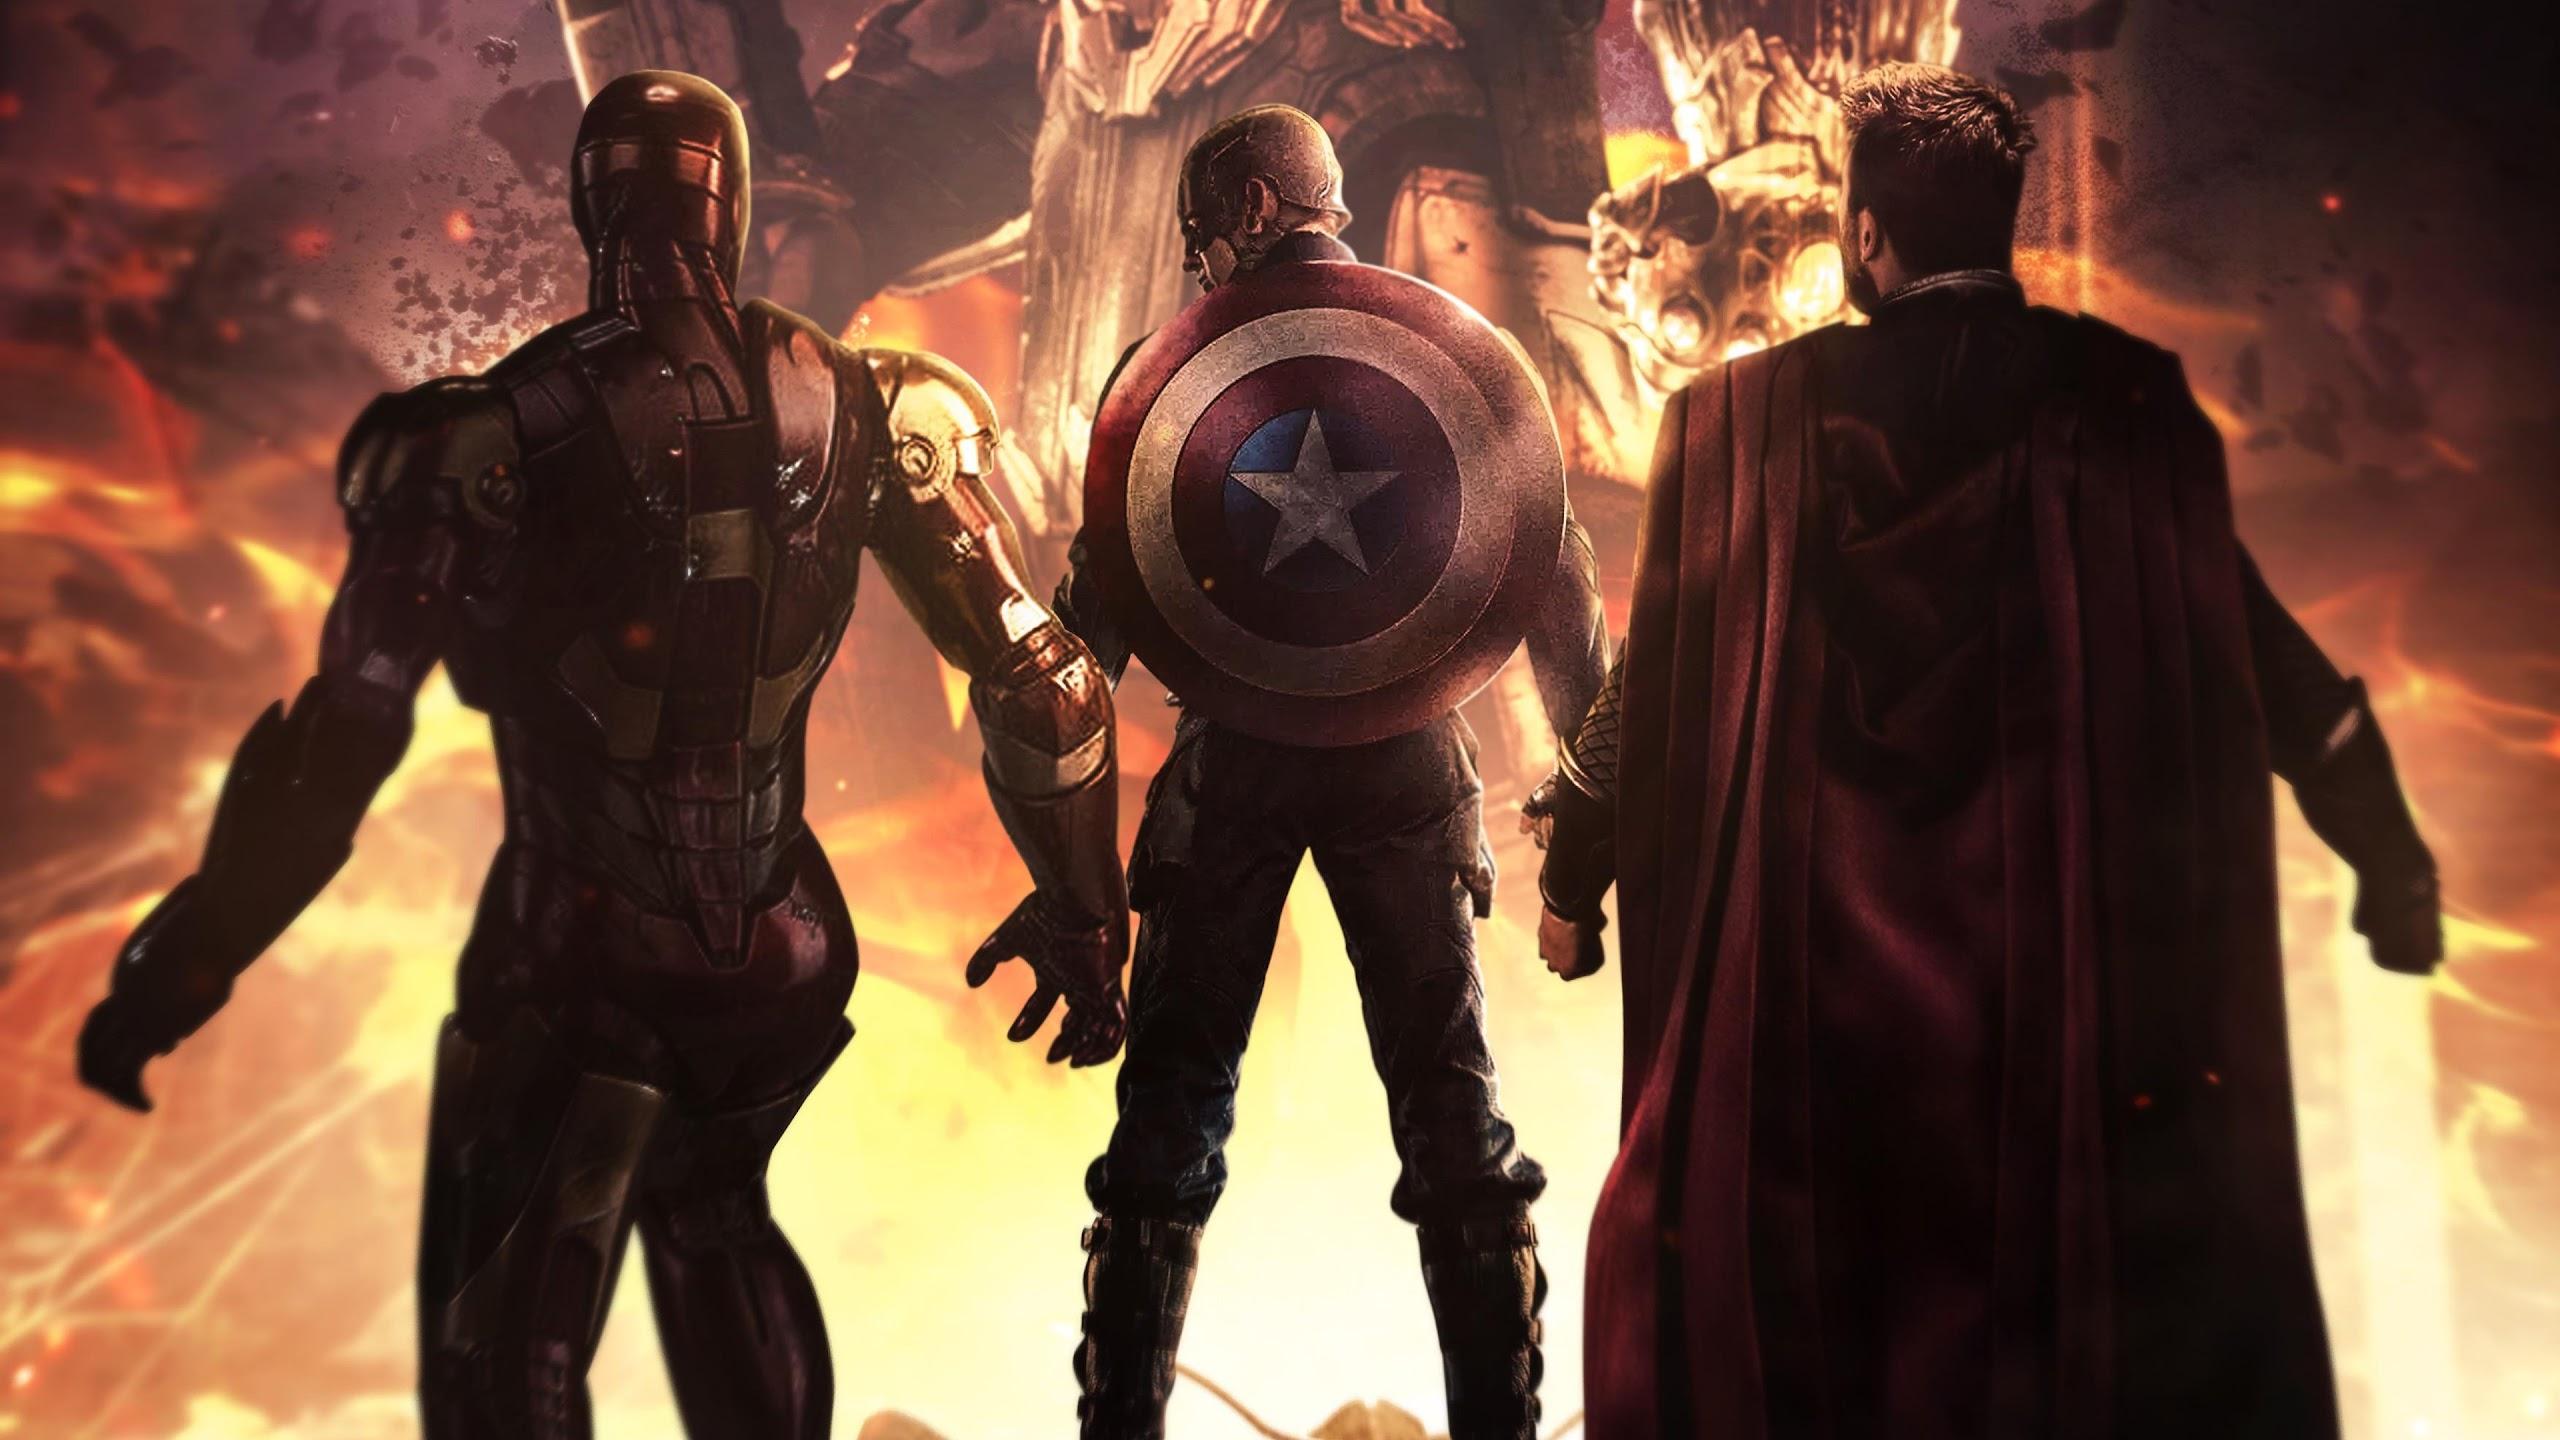 Avengers Endgame Iron Man Captain America Thor 4k Wallpaper 127